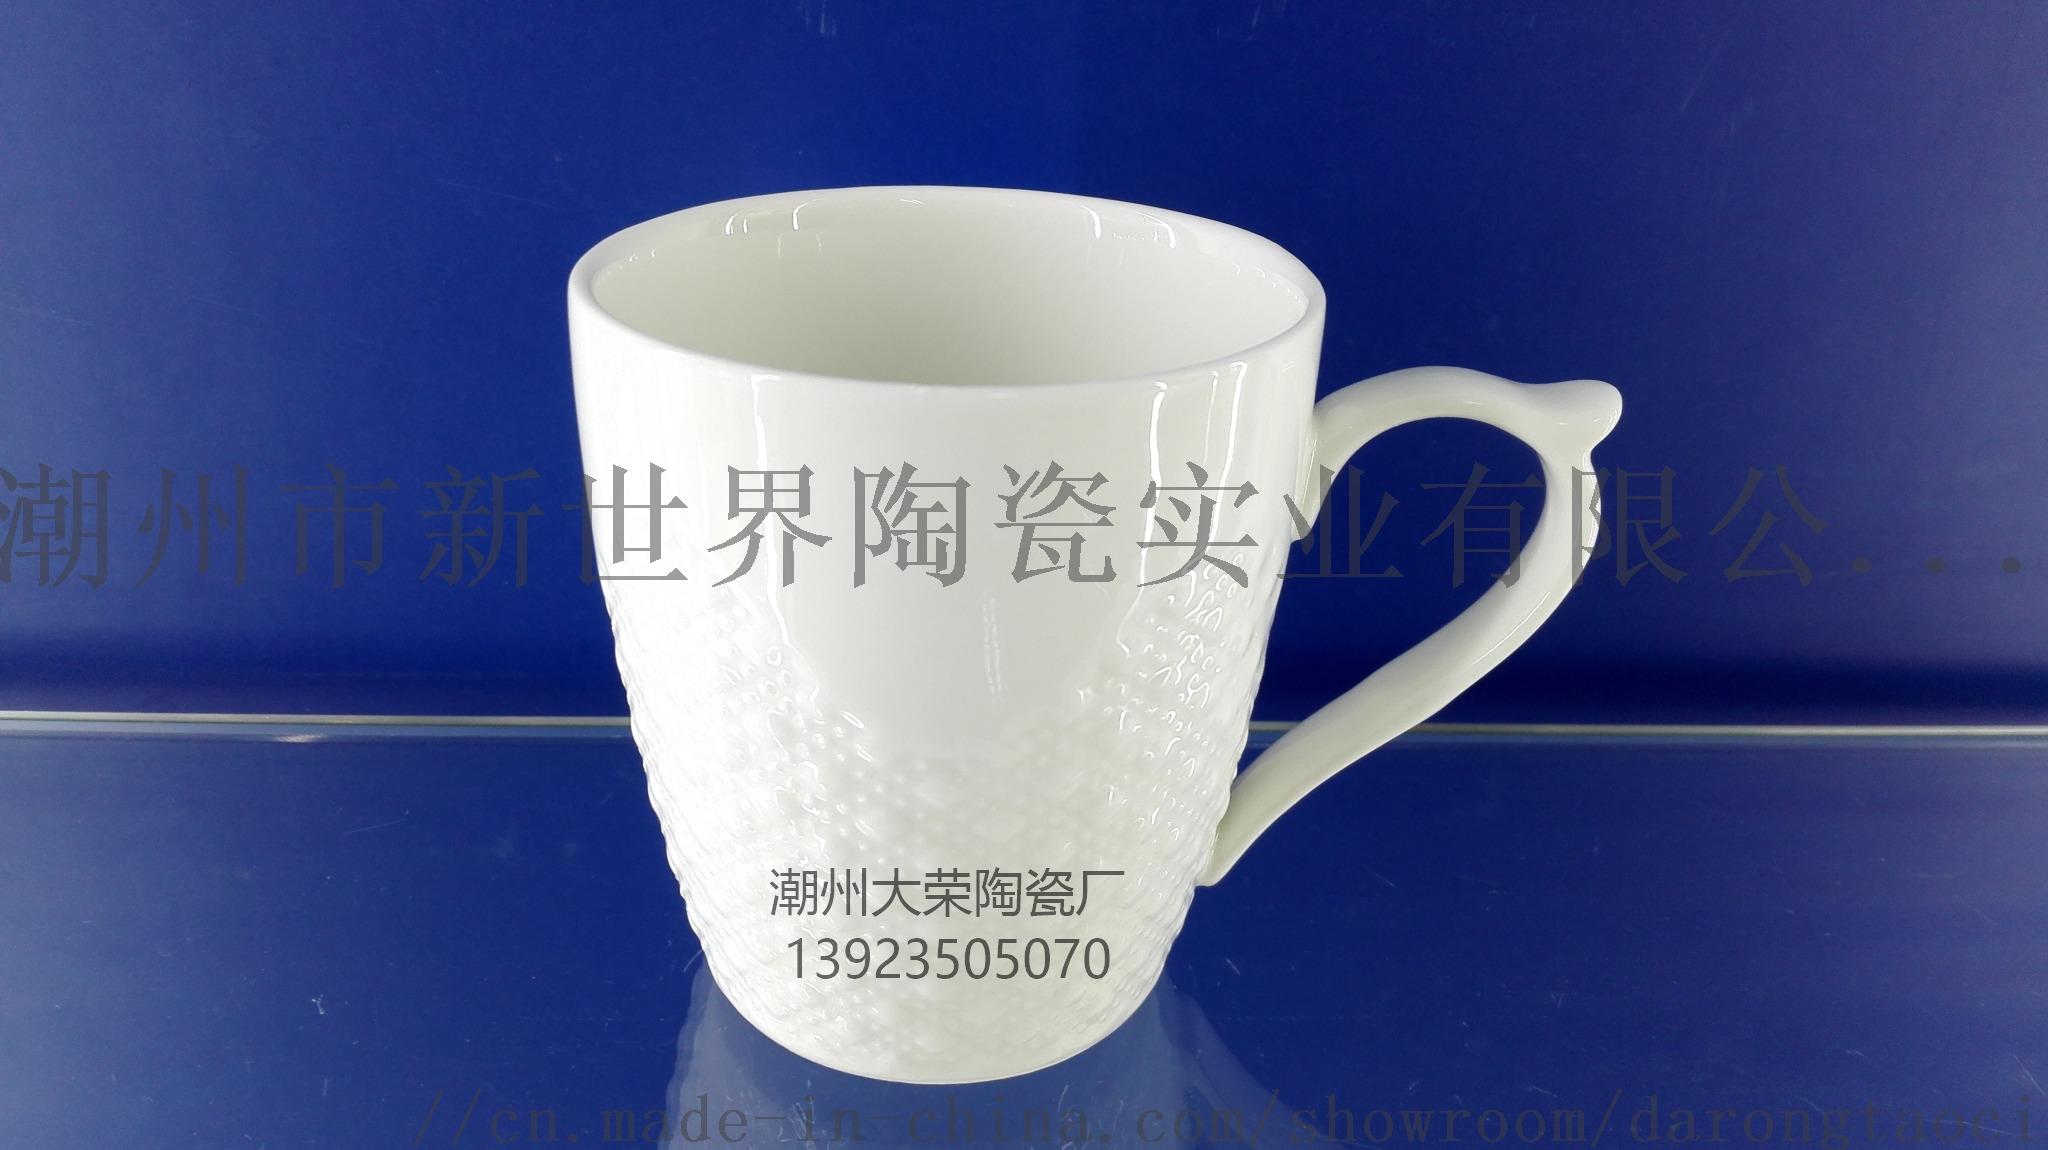 供应潮州枫溪高质量镁质陶瓷咖啡杯815968025